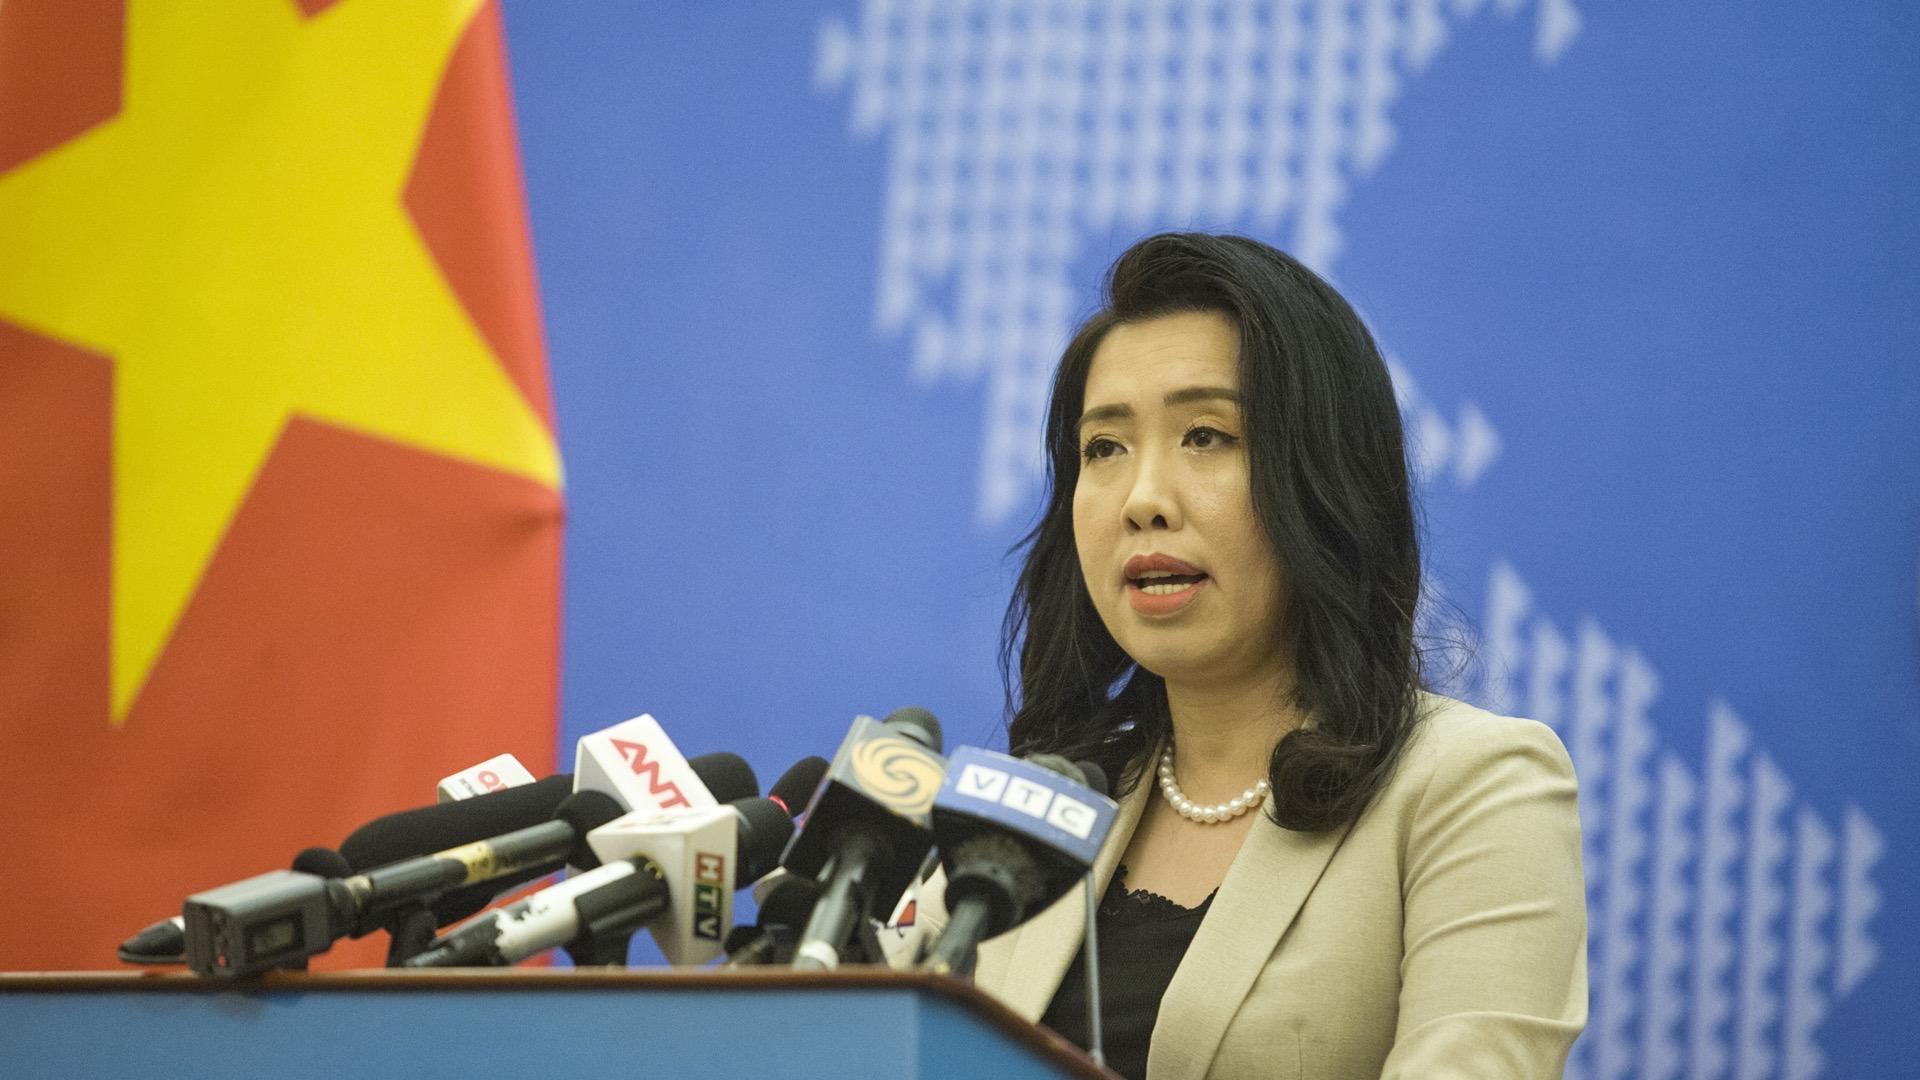 Trung Quốc không có bất kỳ cơ sở pháp lý quốc tế nào để đưa ra yêu sách  🎥